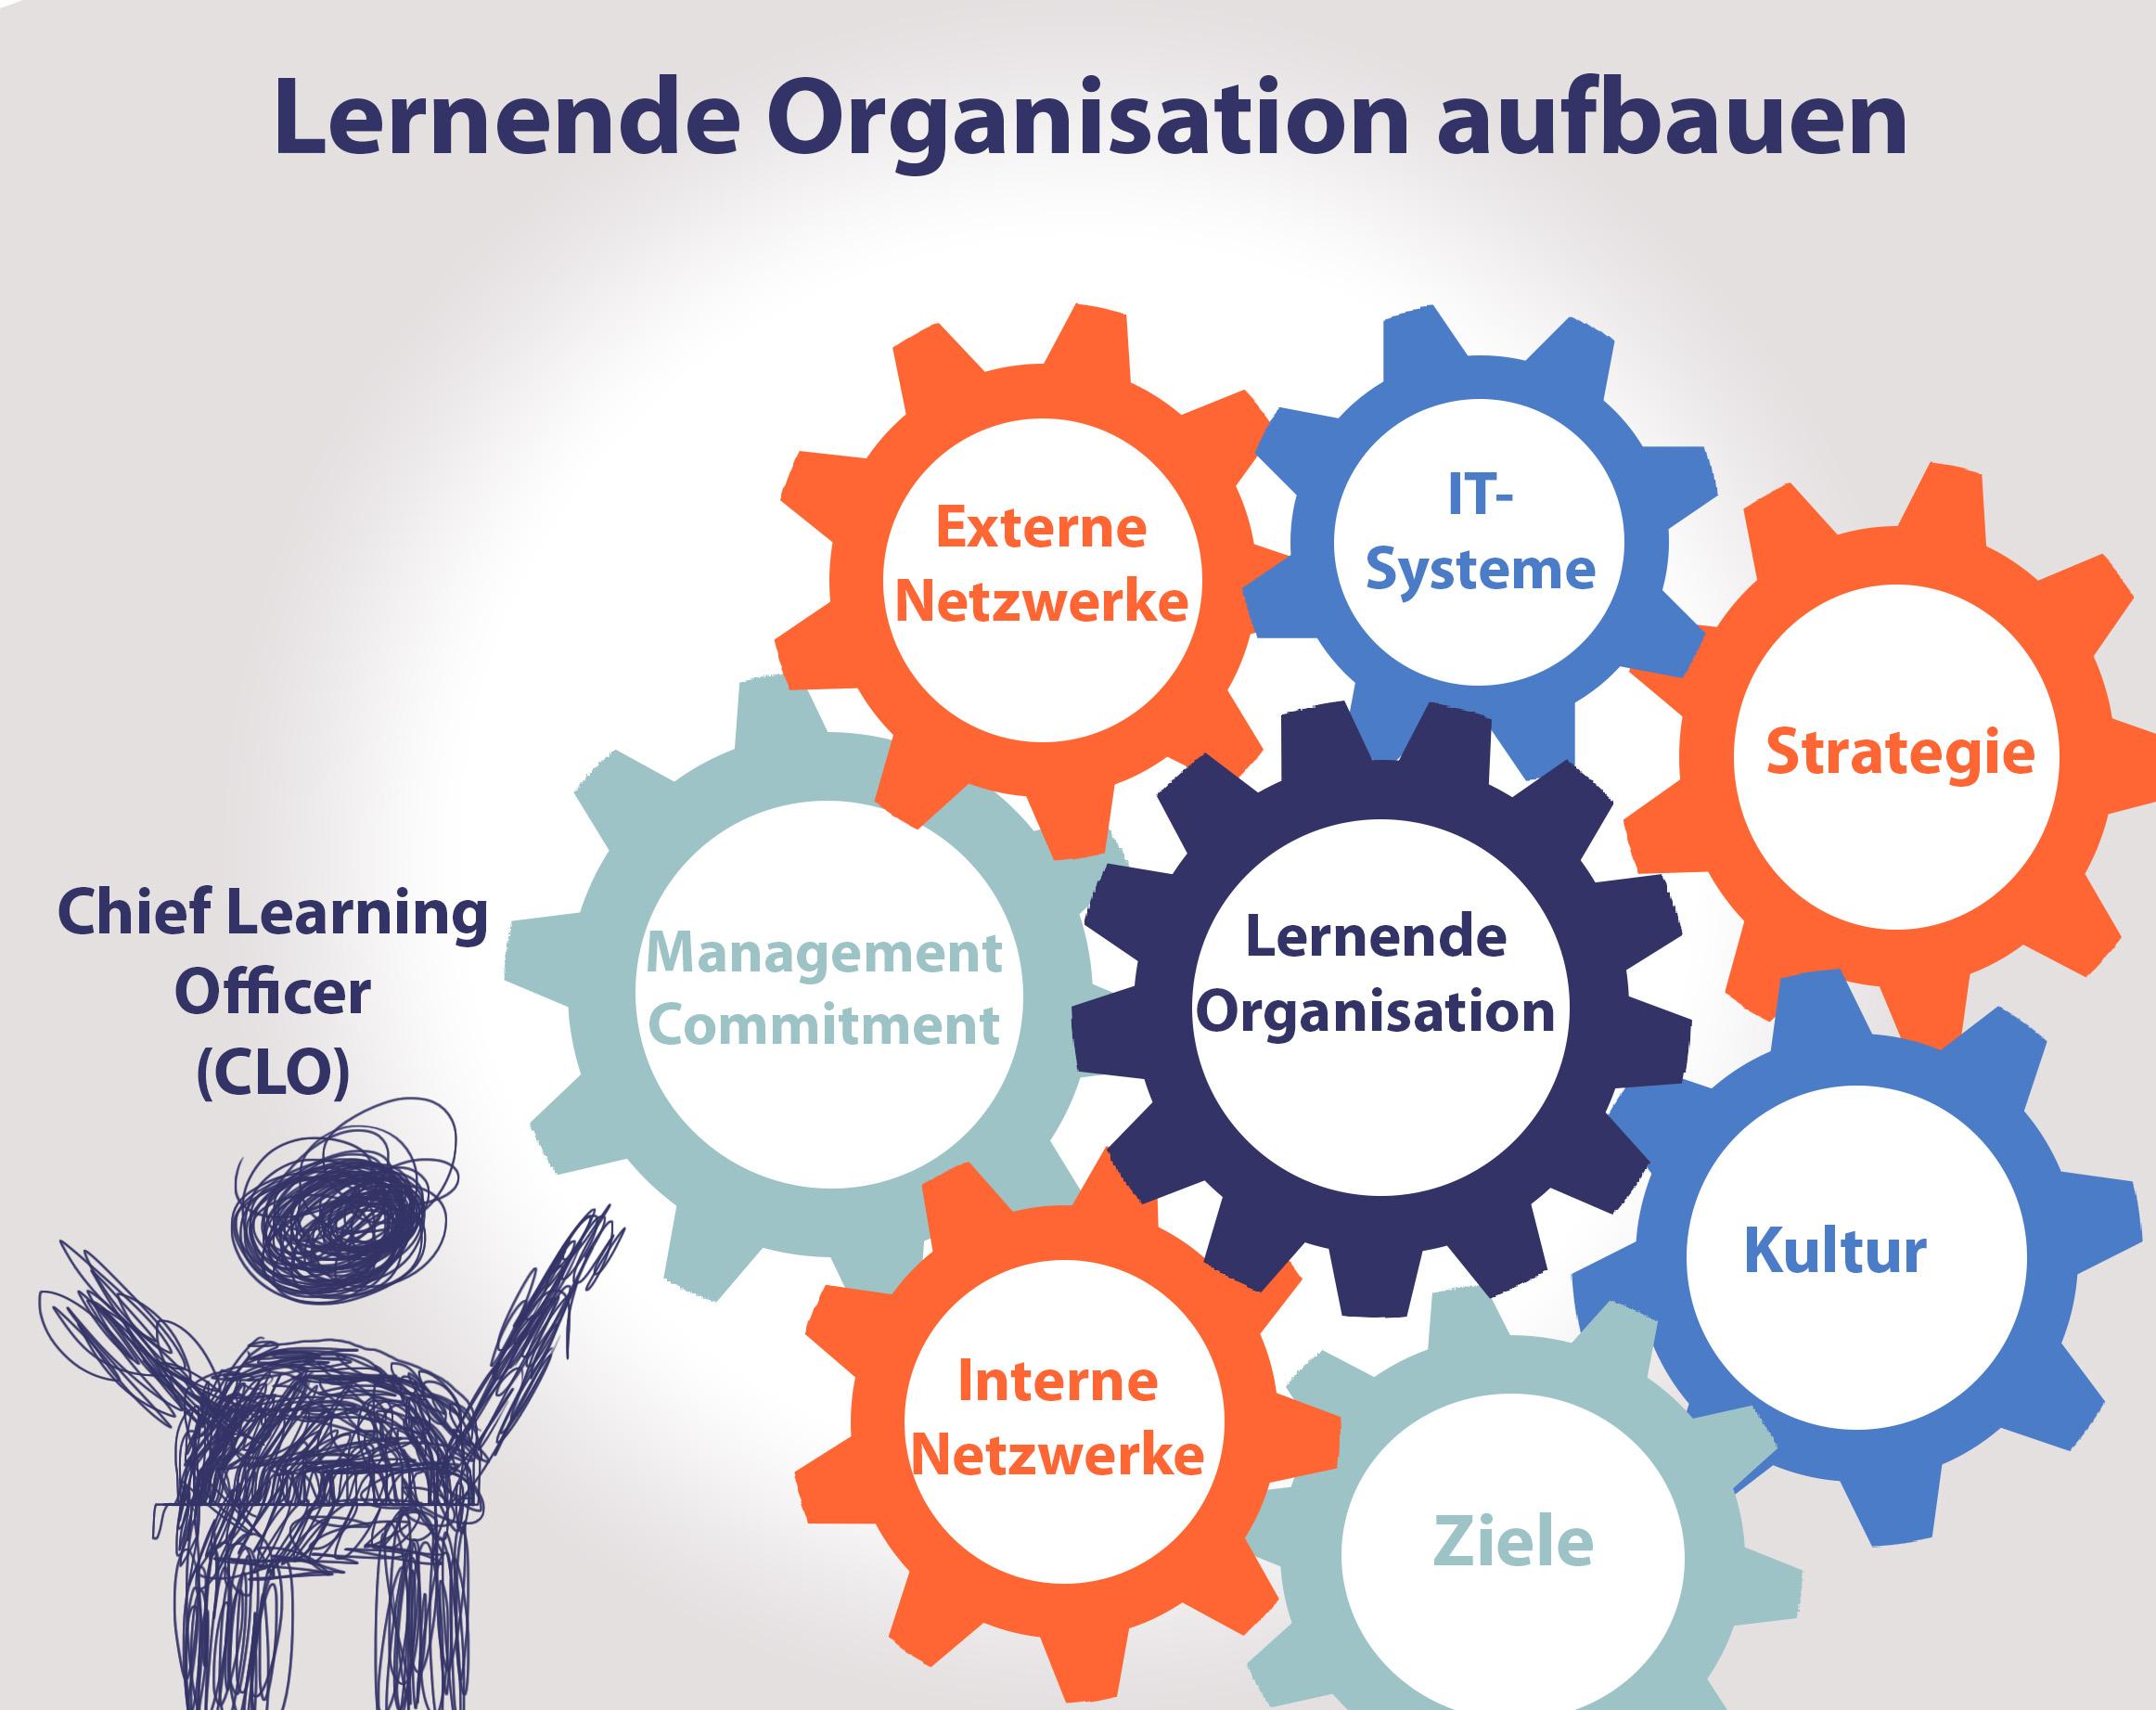 Lernende Organisation aufbauen